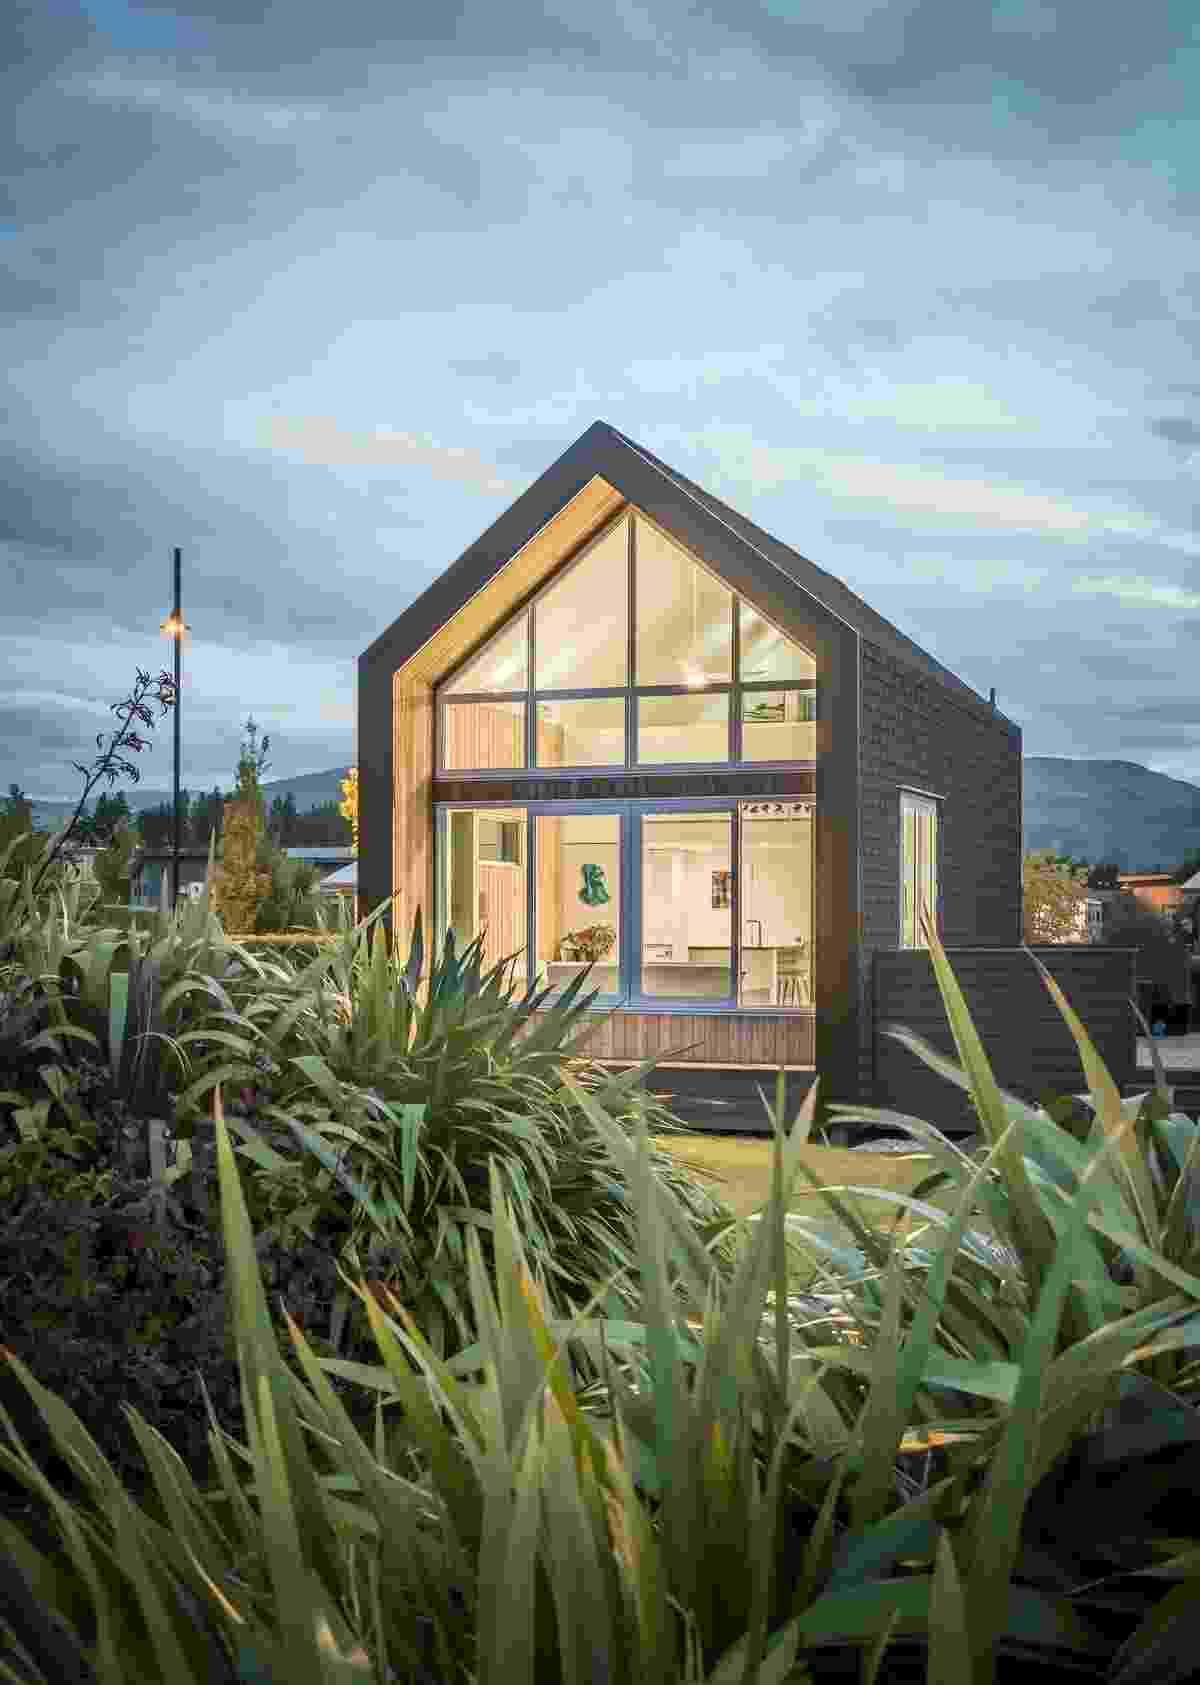 Tiny house de 30 m² na Nova Zelândia será seu próximo sonho da casa própria - Simon Larkin